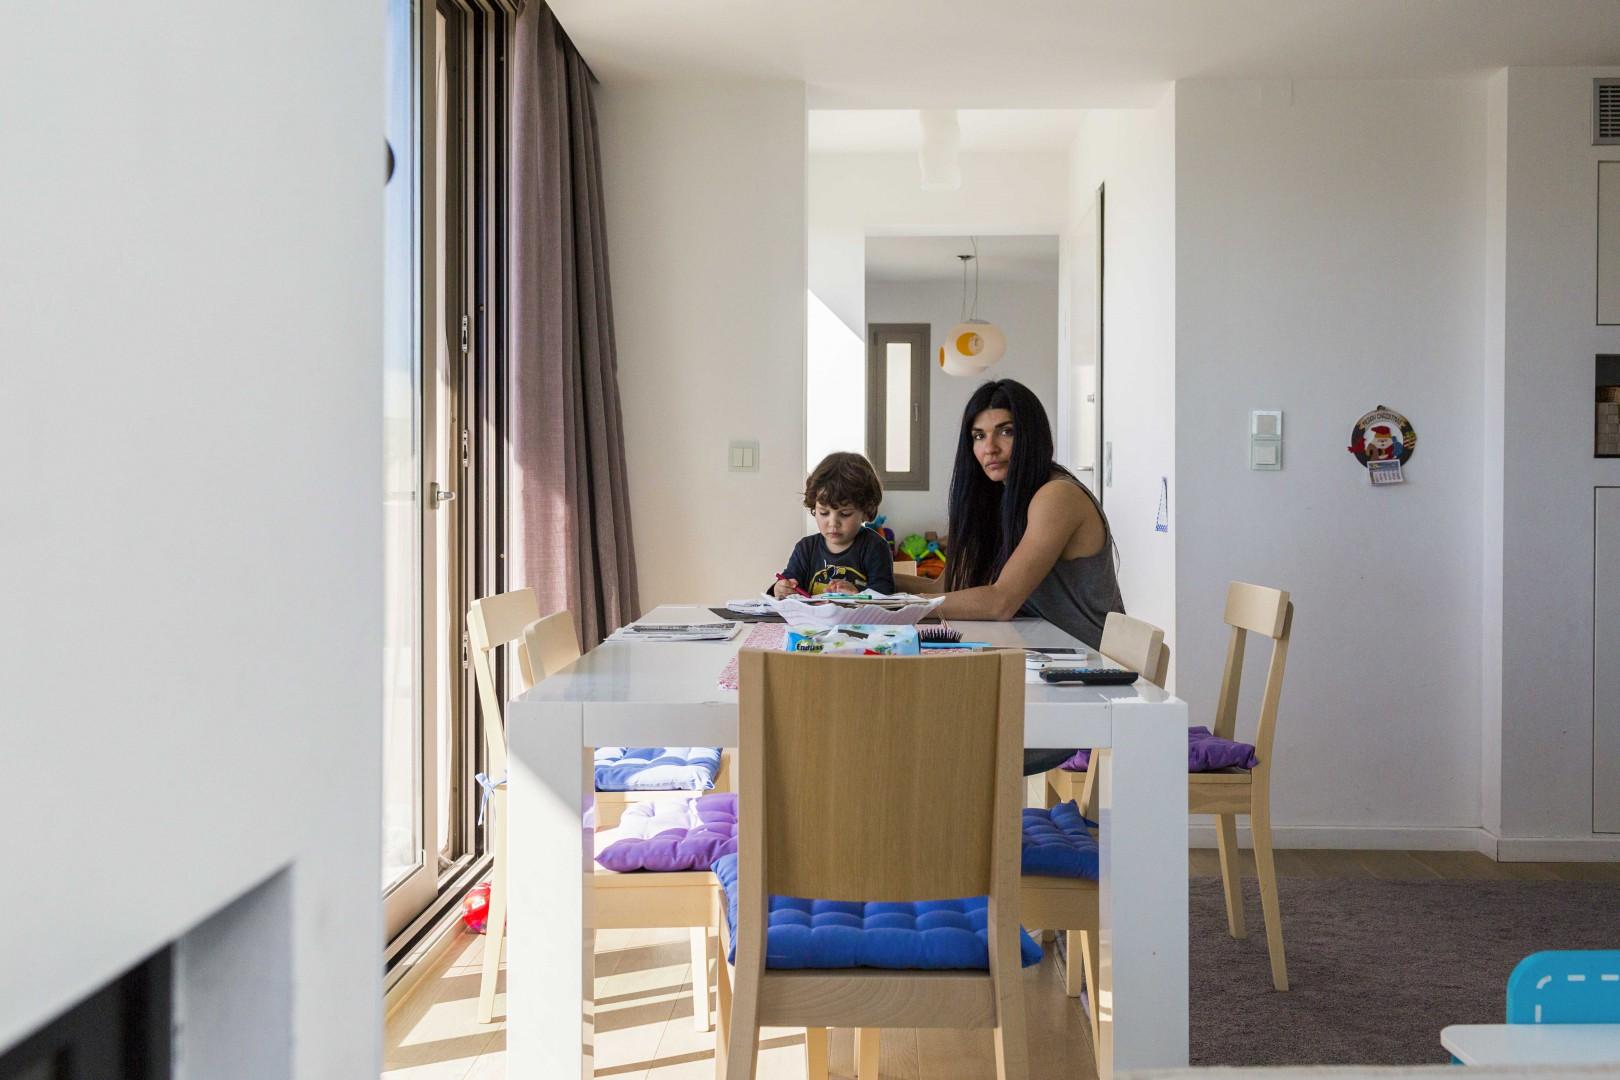 Chios, casa della famiglia Agios. Nanà segue il figlio durante i compiti a casa: « Questo gioco sinistro fra la Turchia e l'Europa ha trasformato le nostre isole in un sistema di filtraggio per migranti e rifugiati».